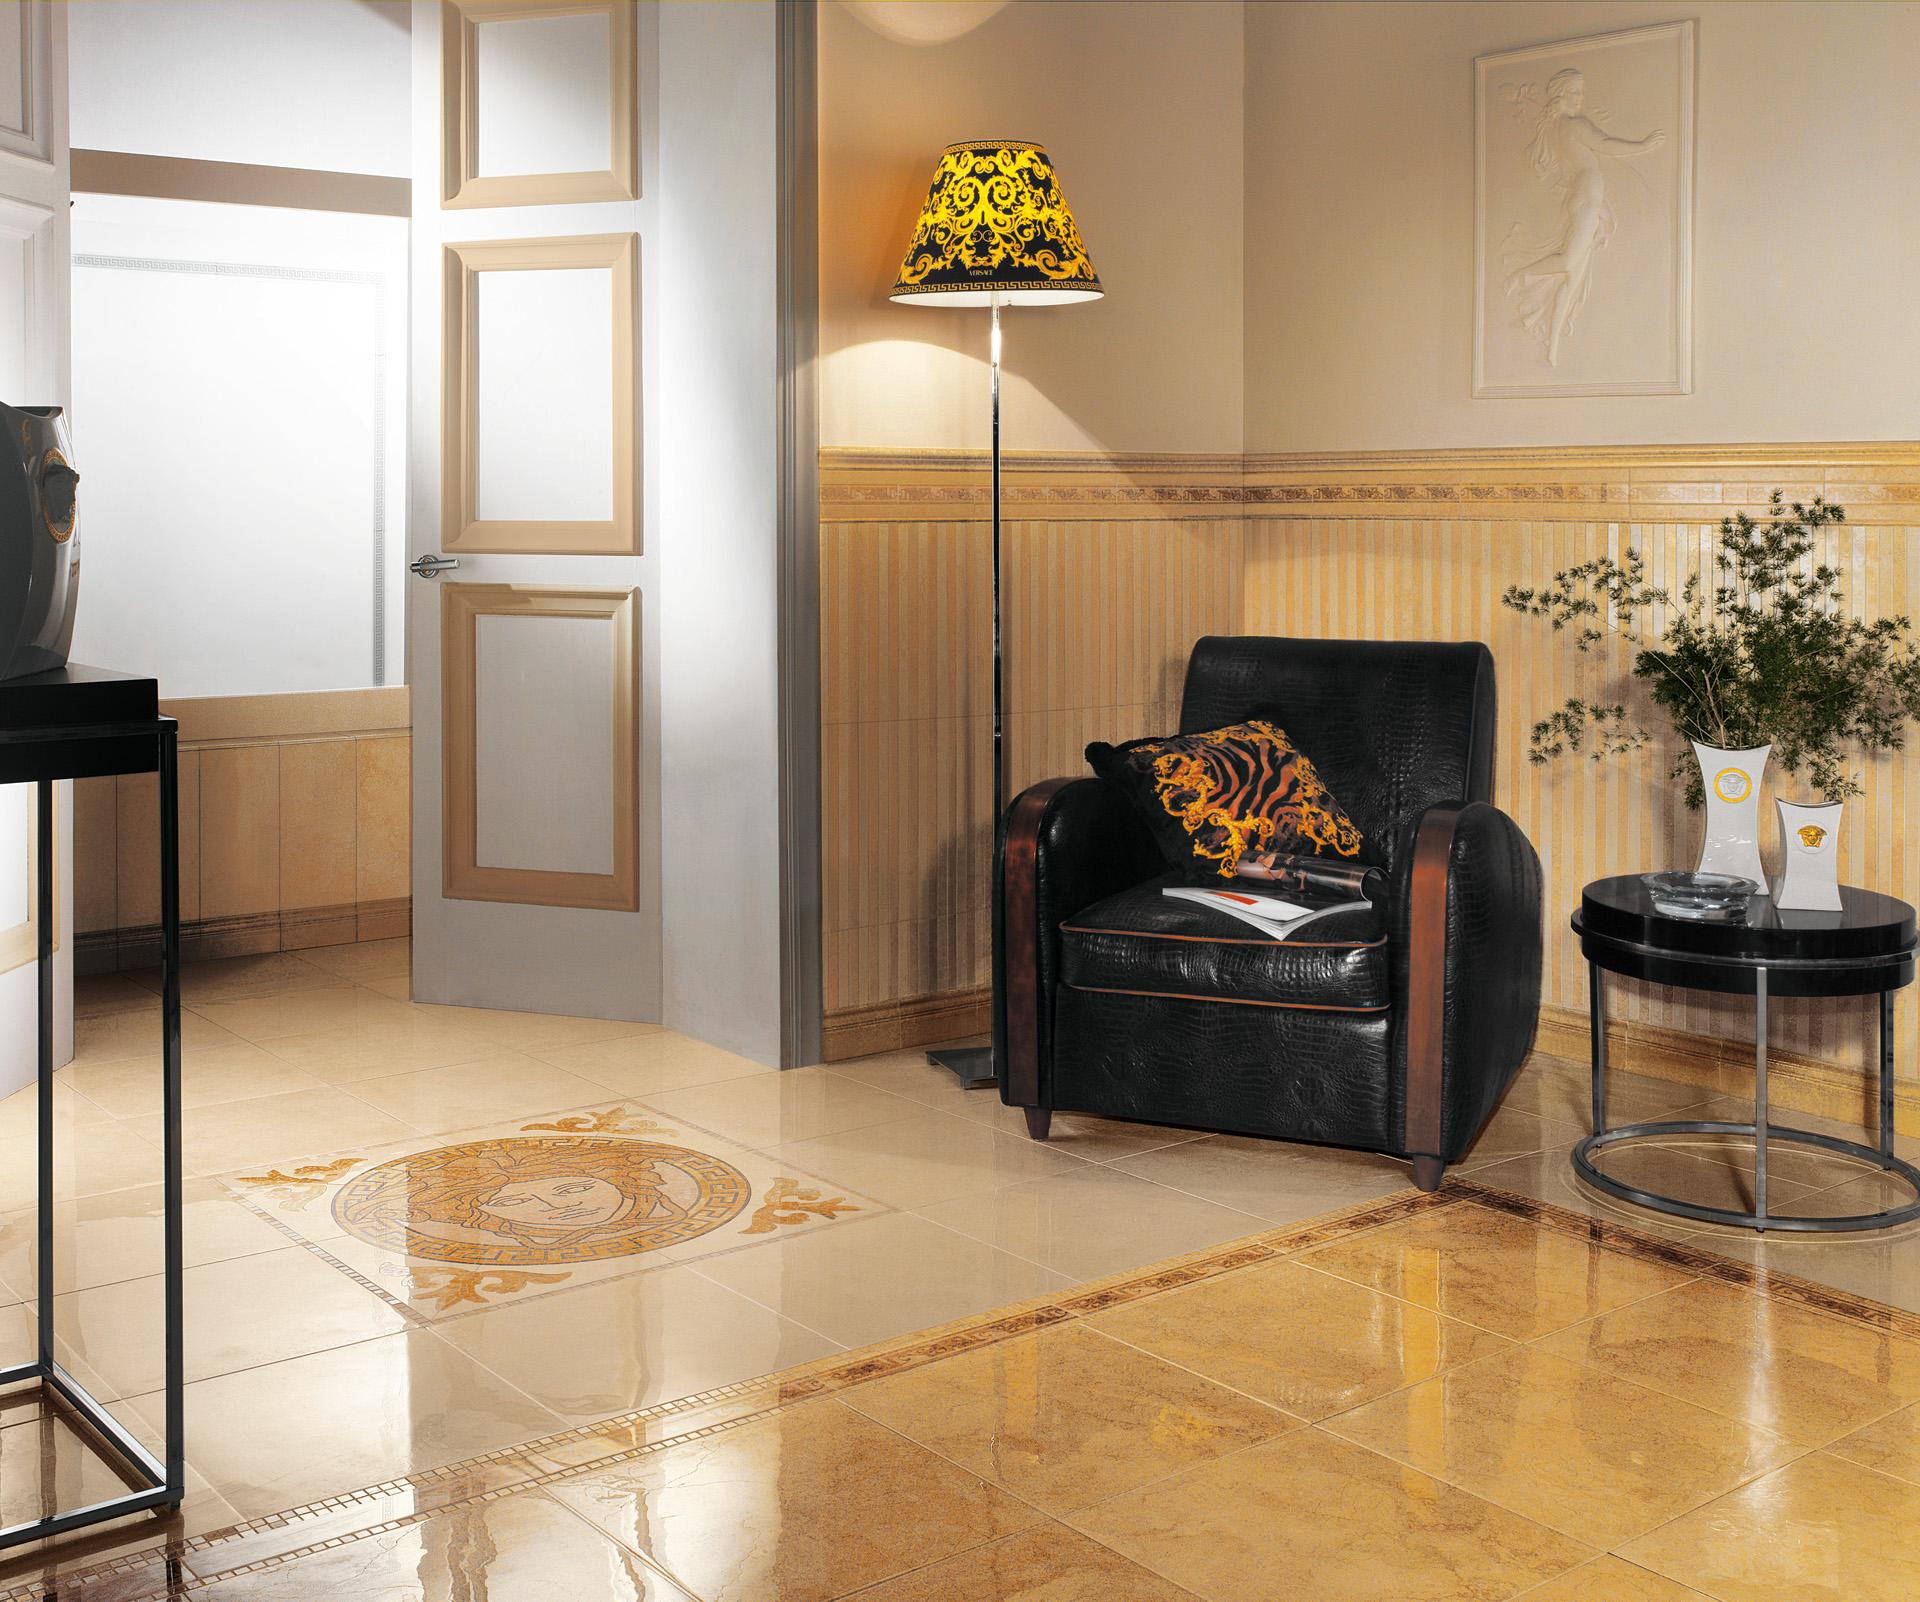 Versace serie palace casaeco pavimenti e rivestimenti in - Piastrelle bagno versace ...